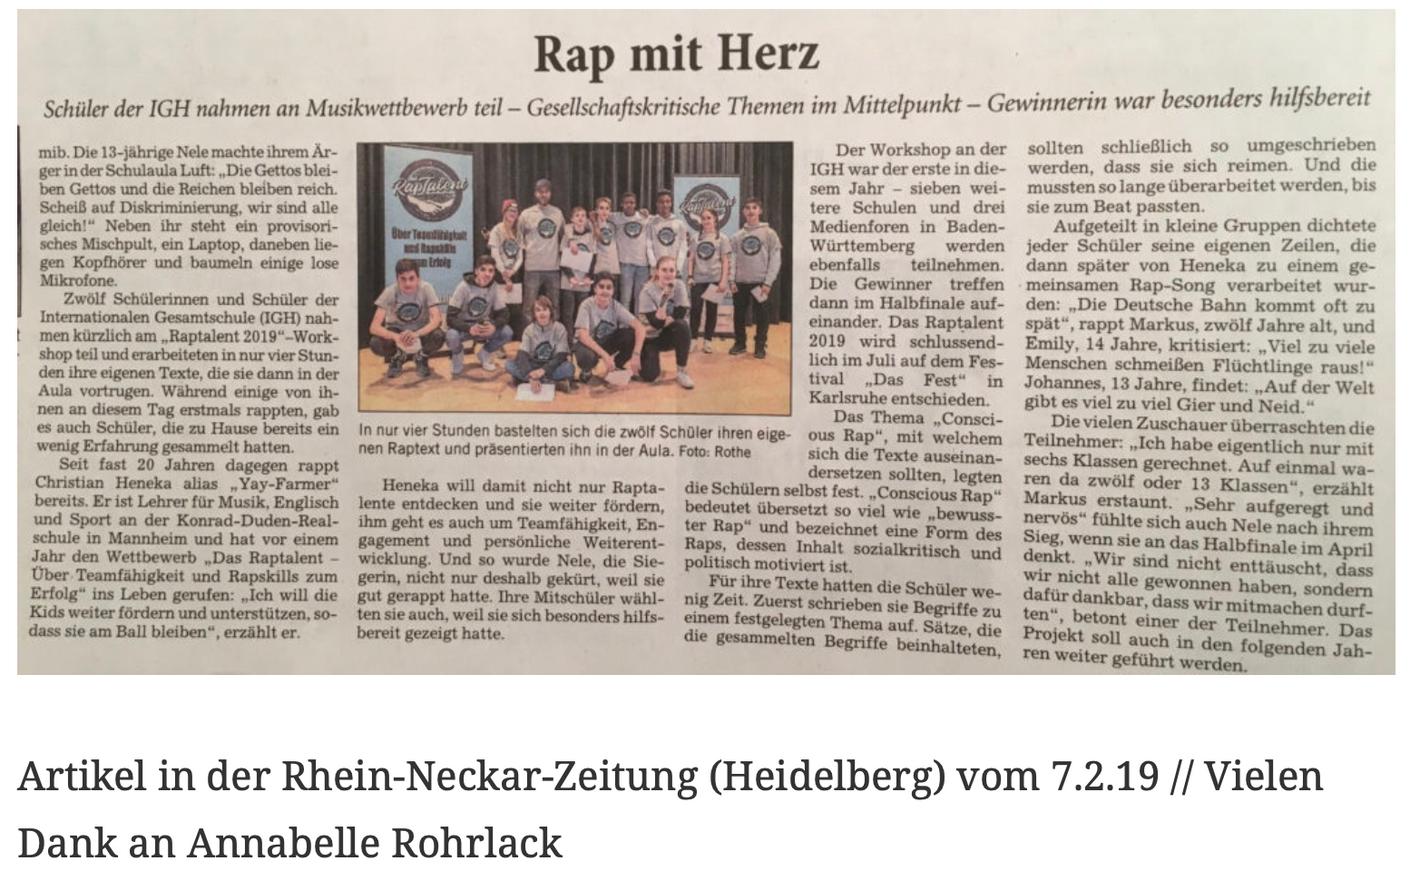 Artikel in der Rhein-Neckar-Zeitung (Heidelberg) vom 7.2.19 // Vielen Dank an Annabelle Rohrlack